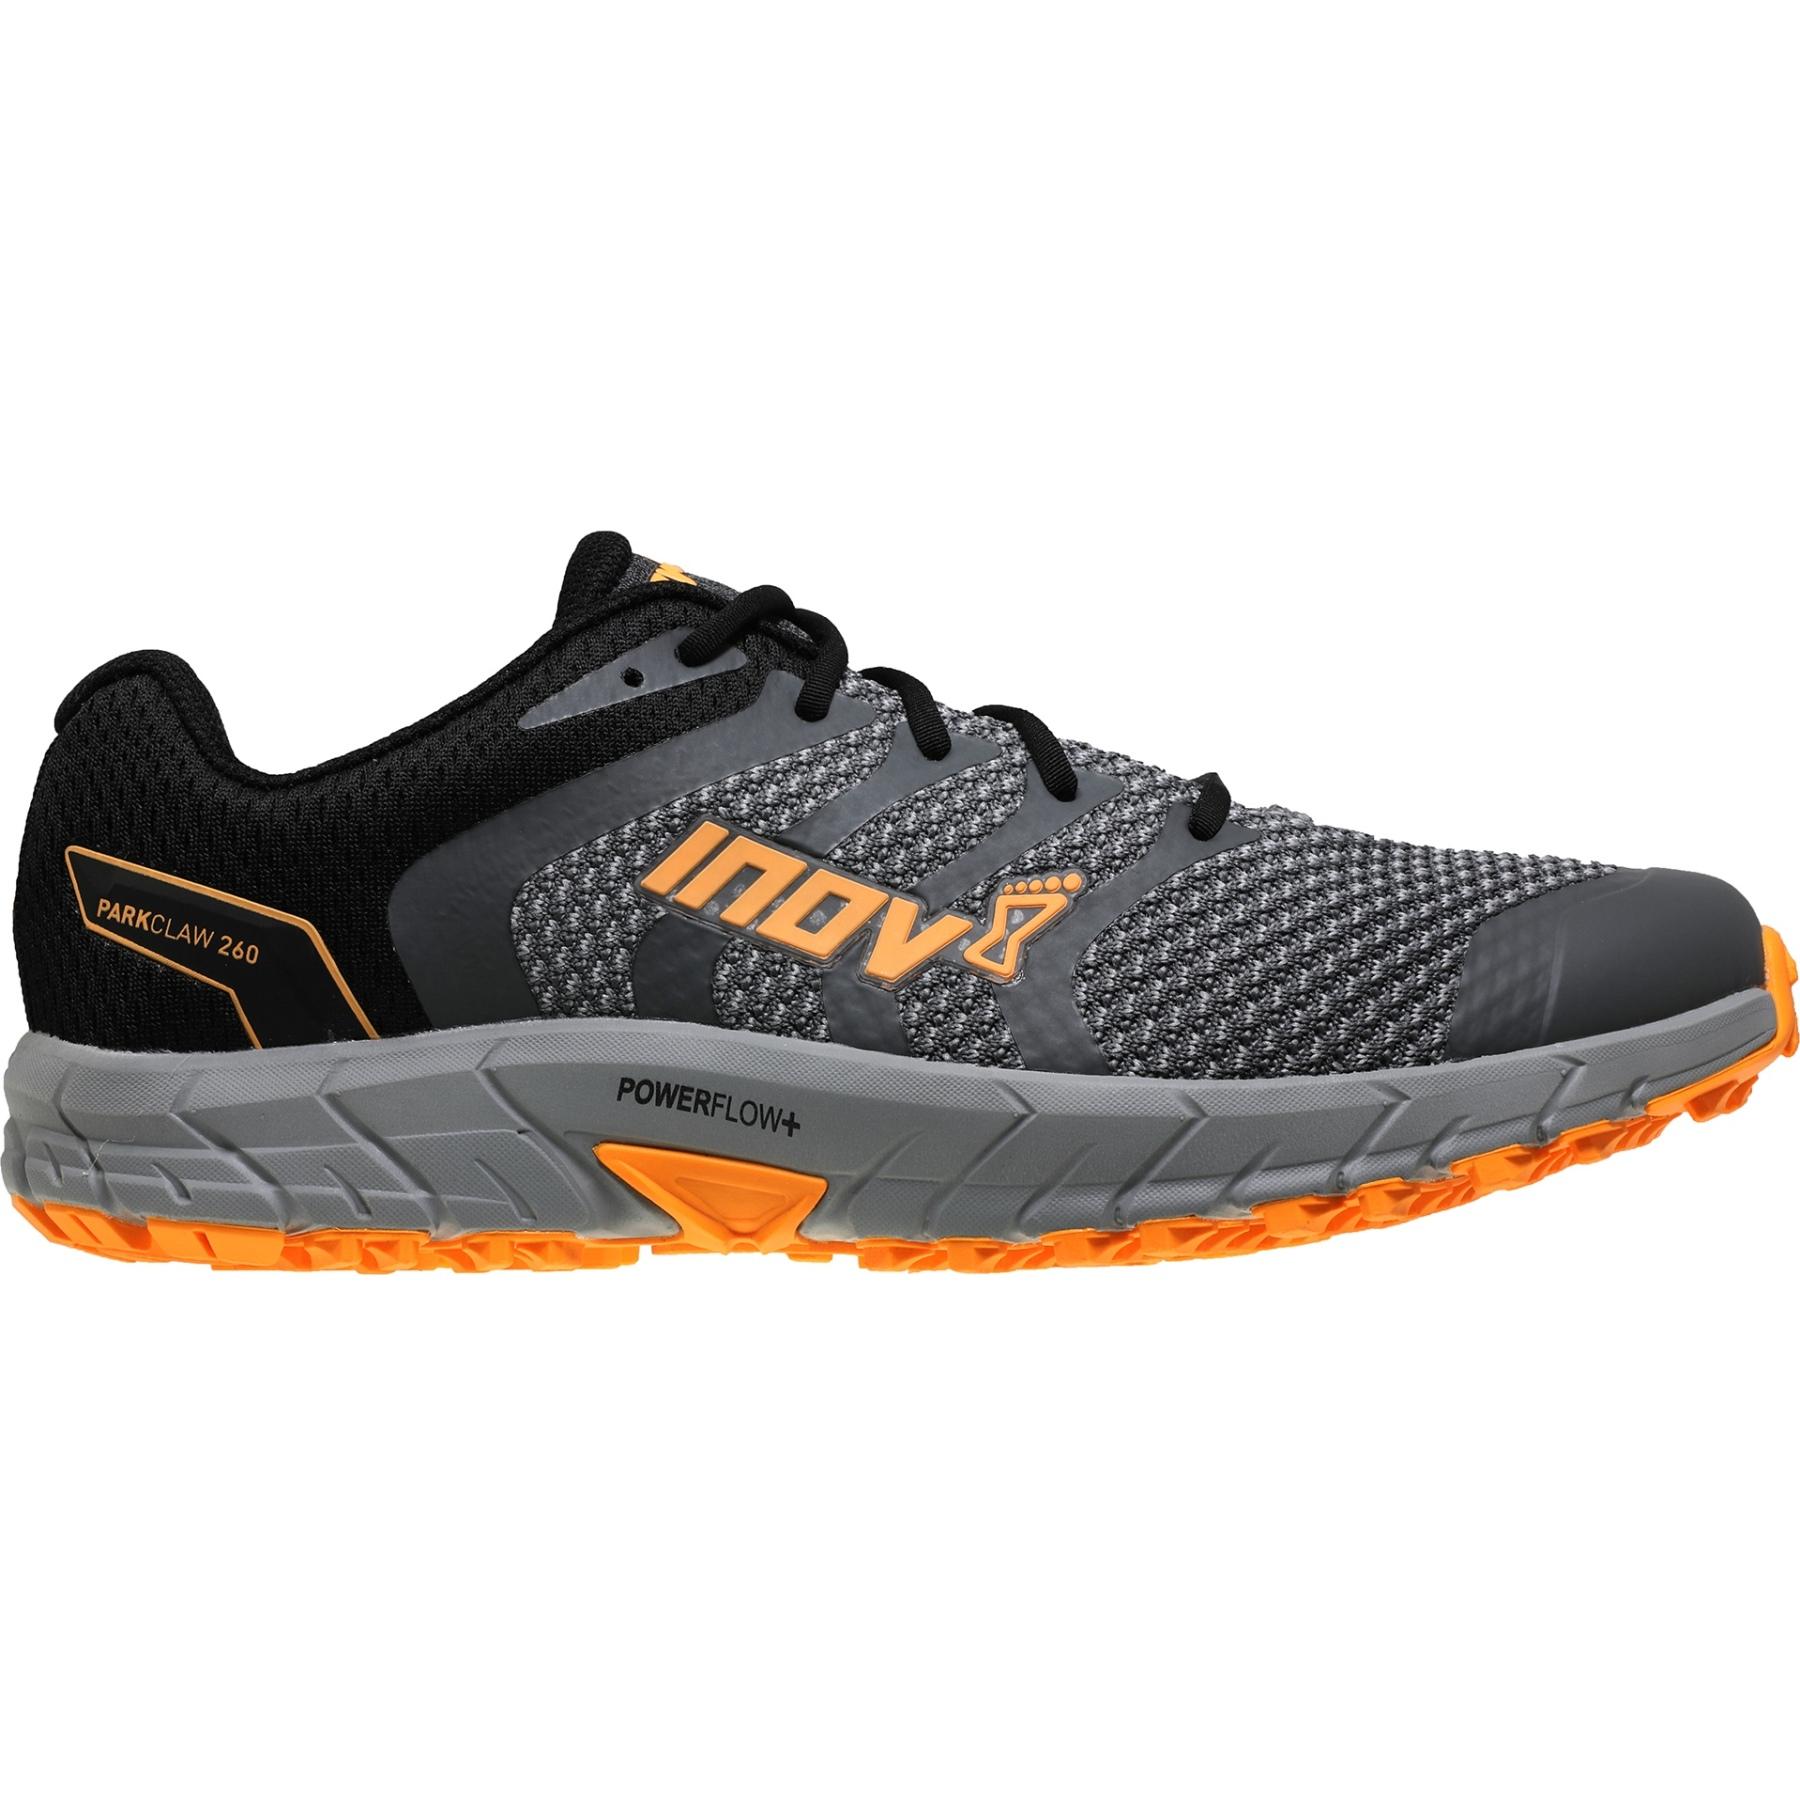 Produktbild von Inov-8 Parkclaw™ 260 Knit (M) Laufschuhe - grey/black/yellow